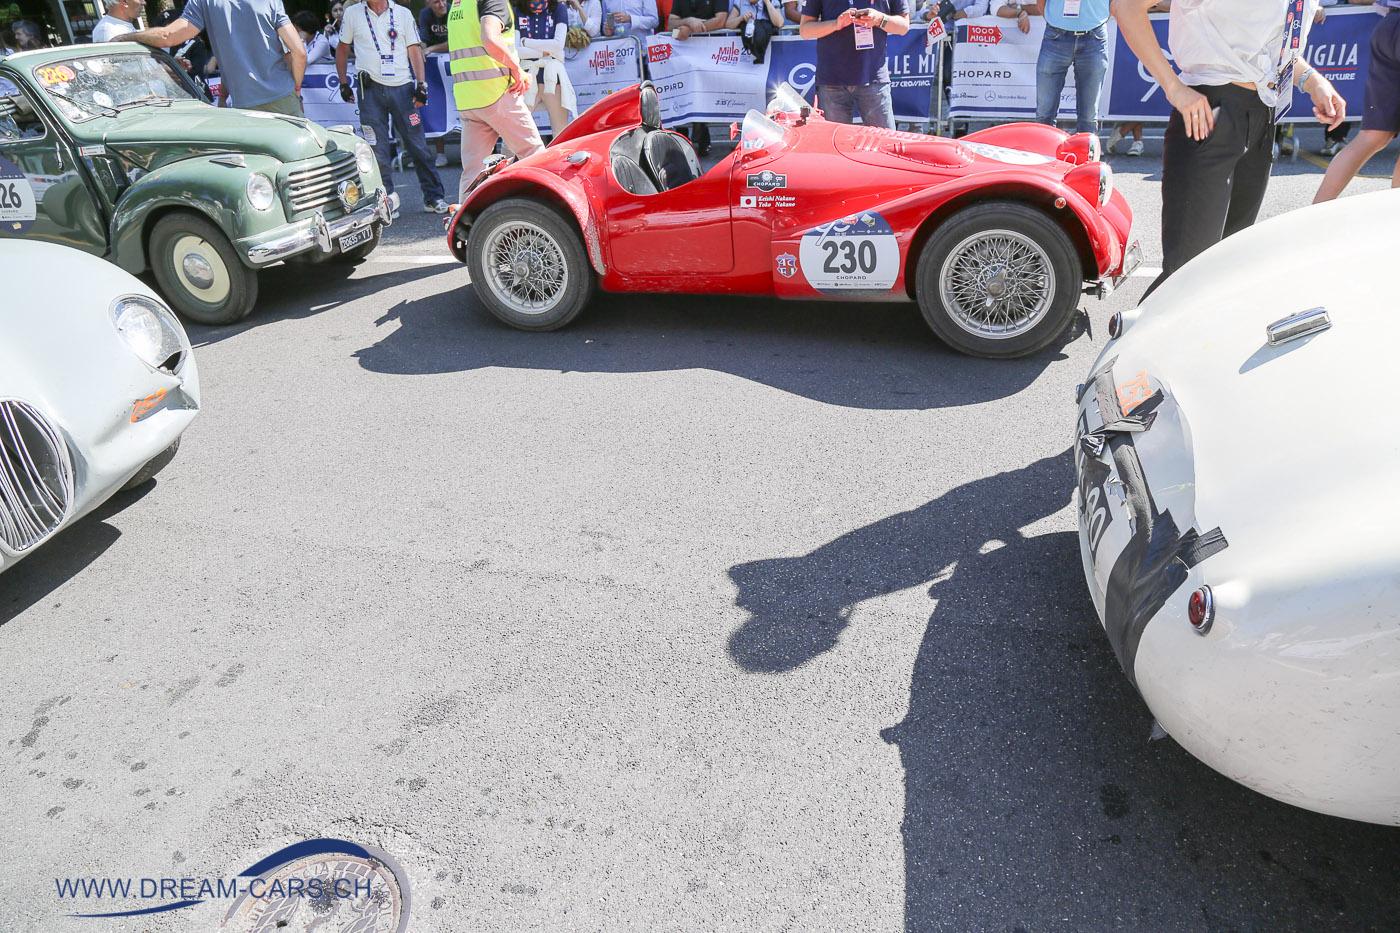 Mille Miglia 2017, 4. Tag, Etappe Parma - Brescia. Zwei Jaguar C-Type. Spuren einer leichten Kollision